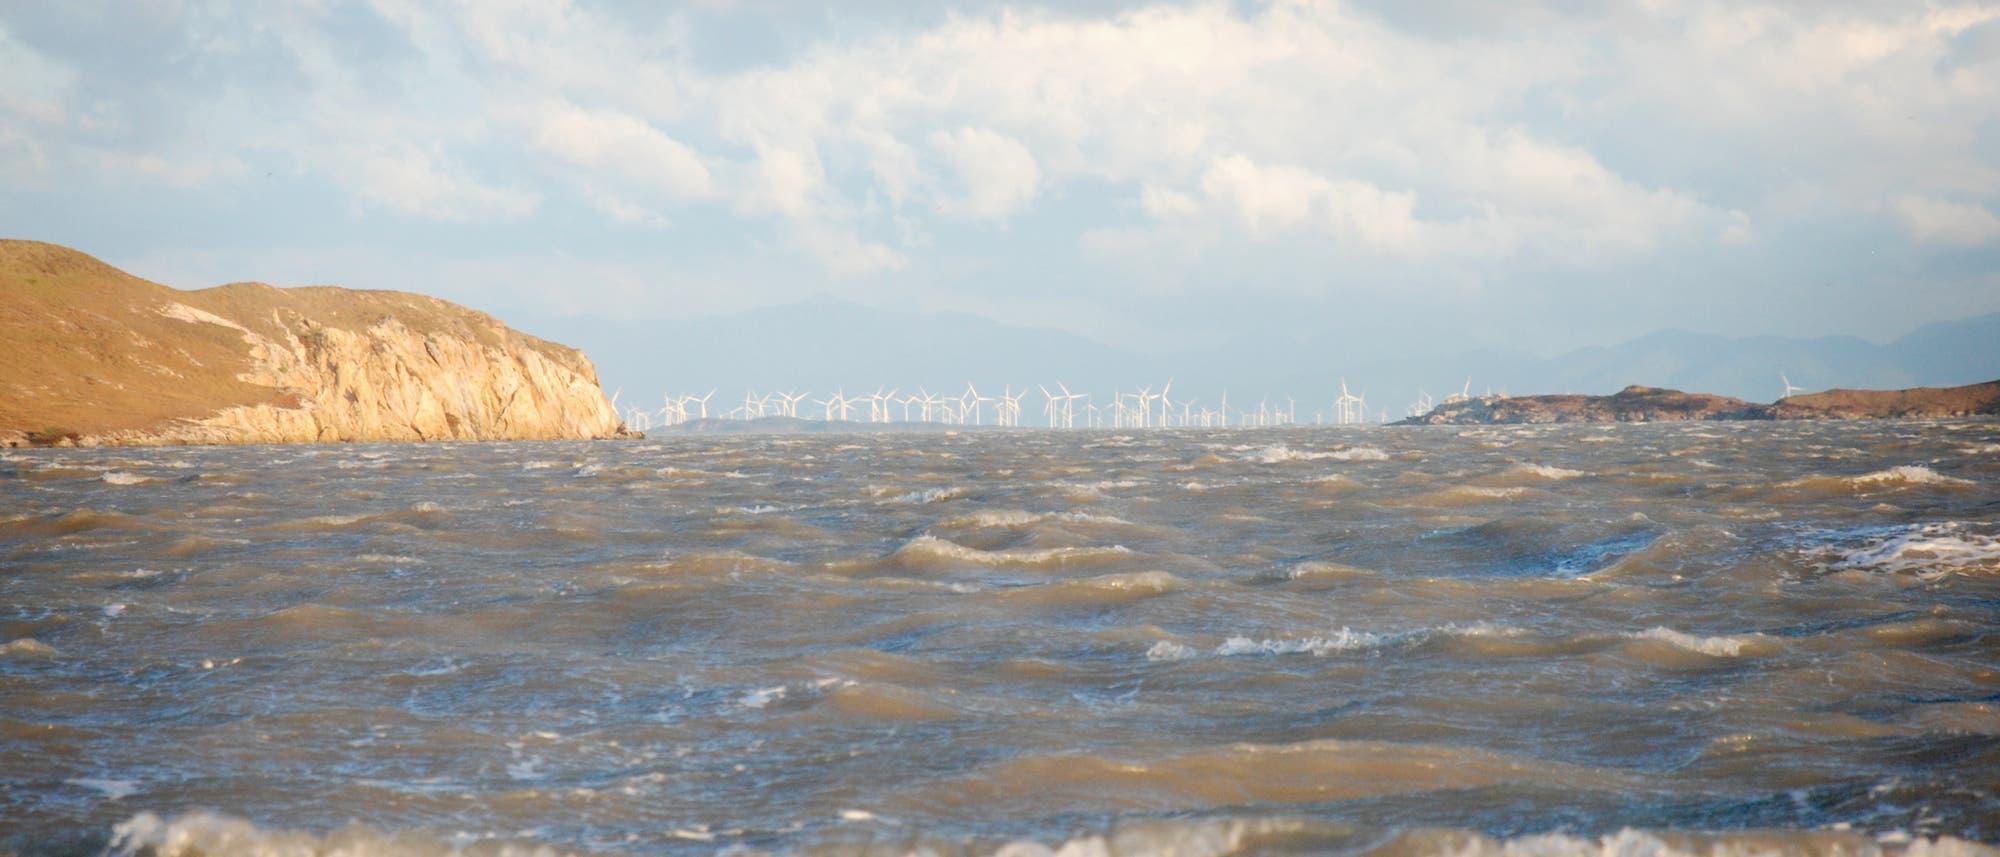 Windpark in der Lagune von Tehuantepec